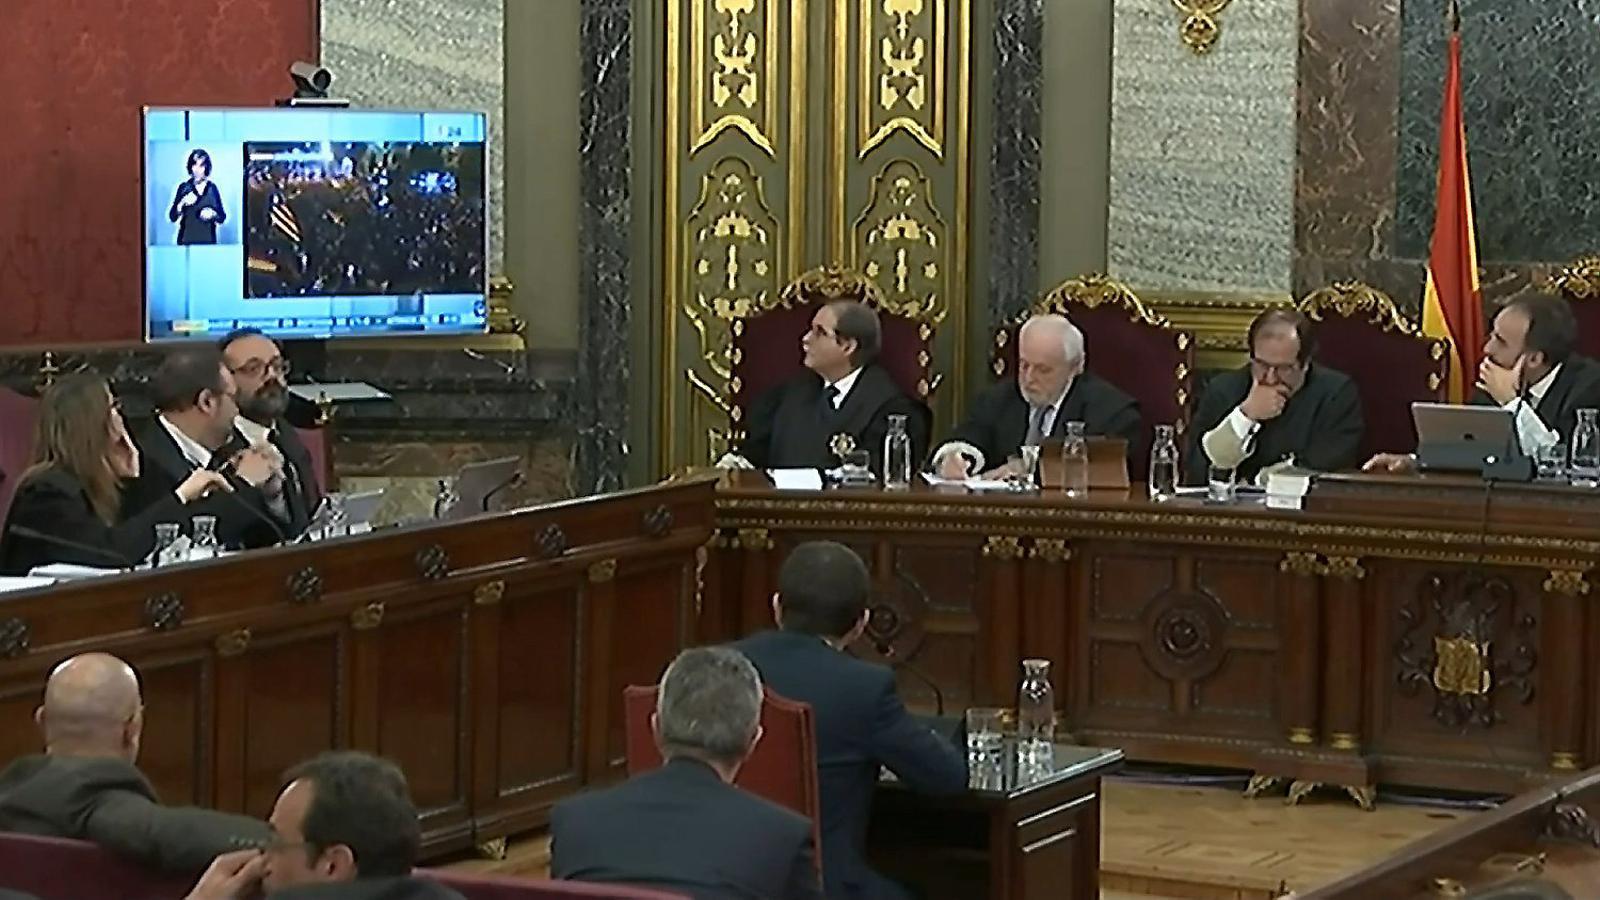 Crònica de Gerard Pruna des de dins de la sala: 'La Fiscalia no està fina'